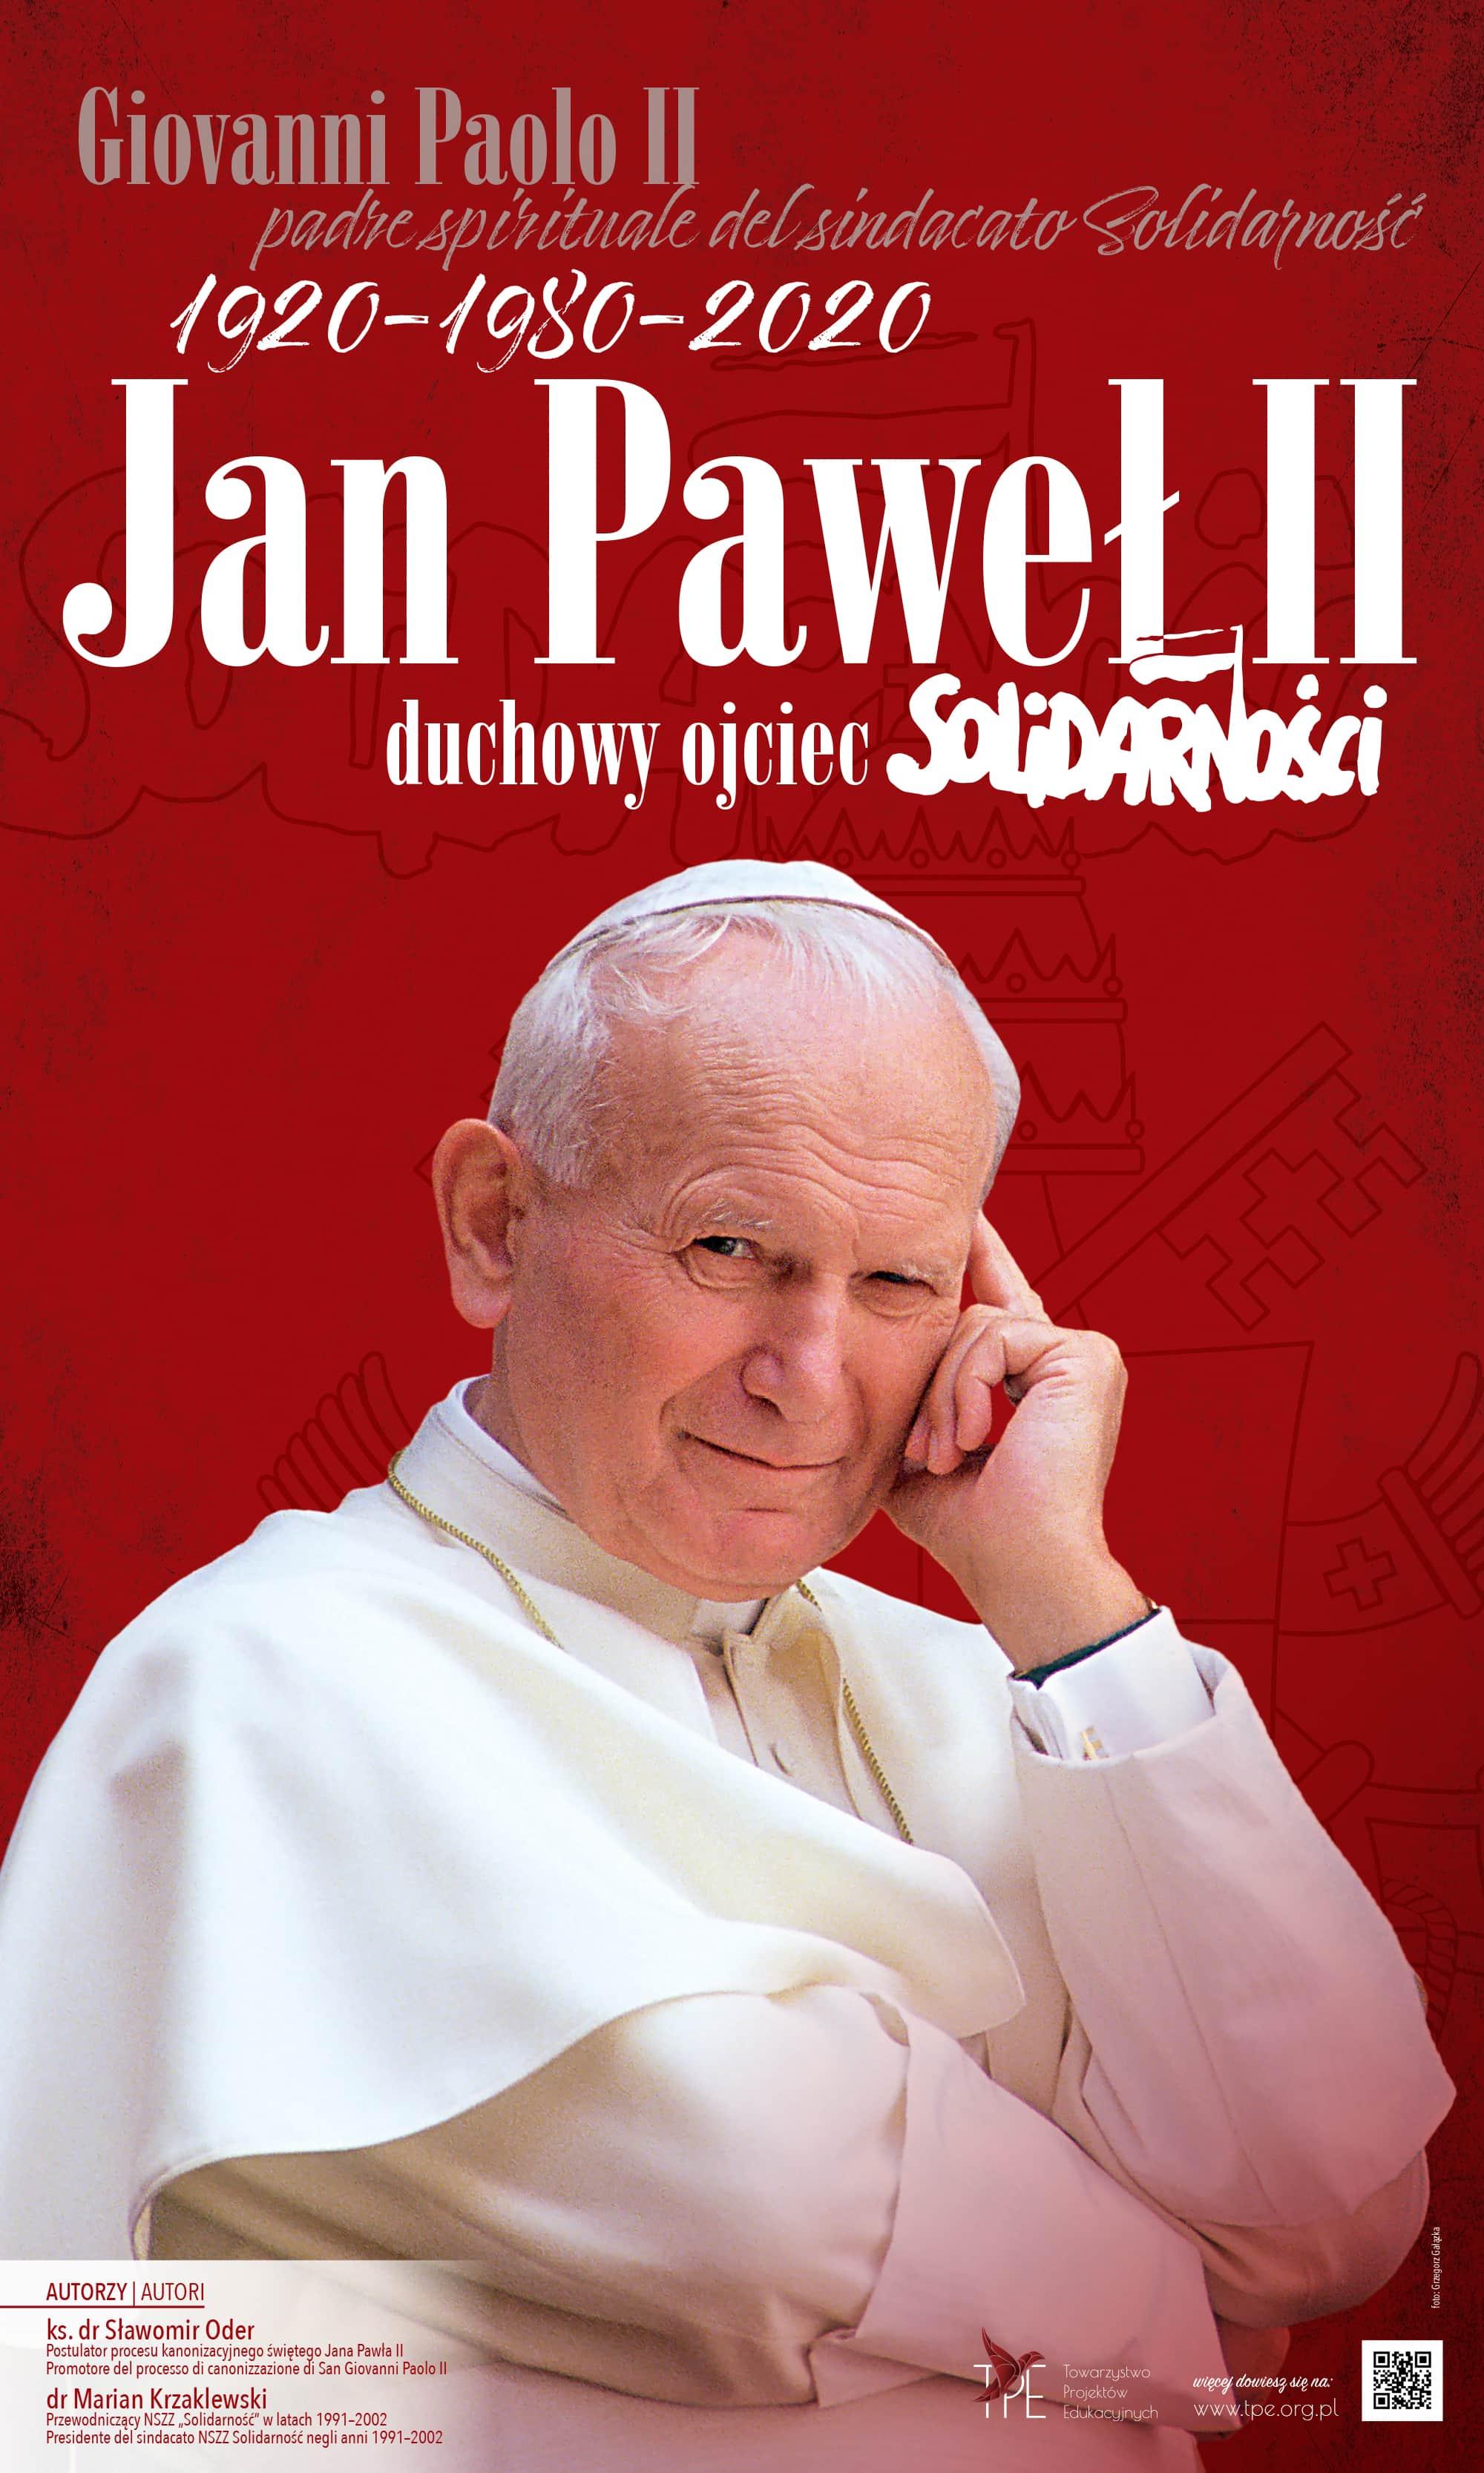 Jan Paweł II duchowy ojciec Solidarności